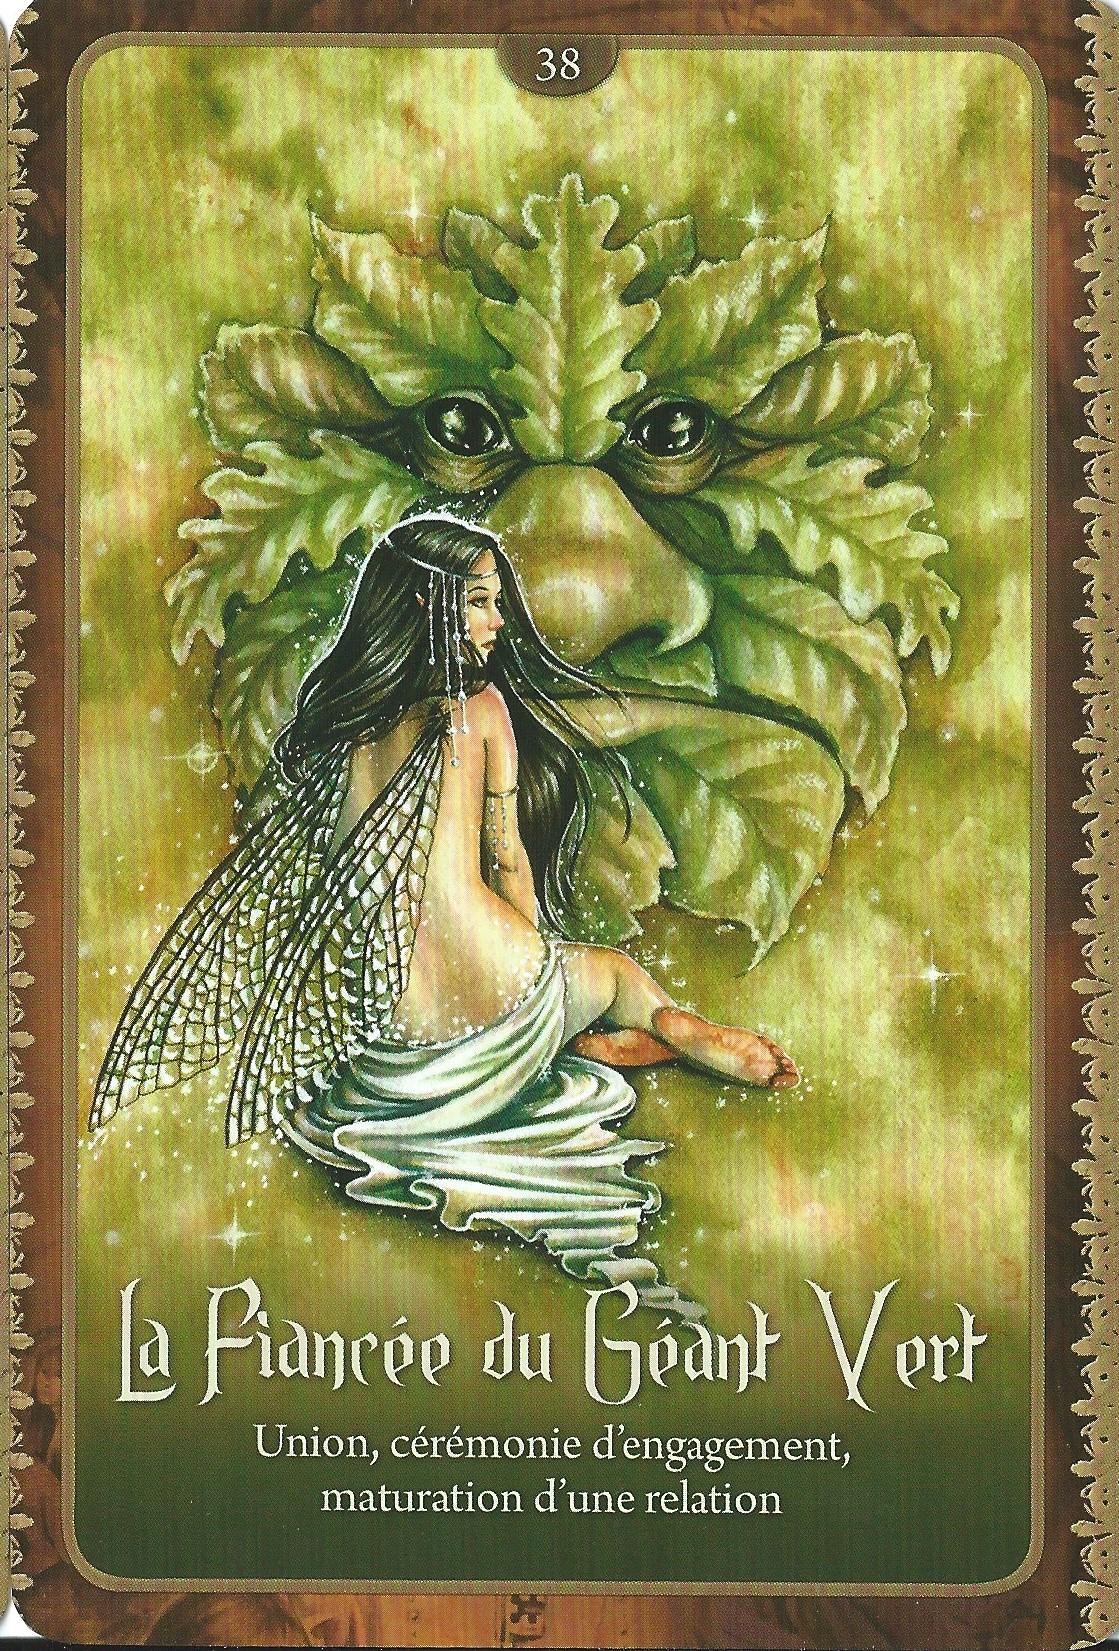 La fiancee du geant vert